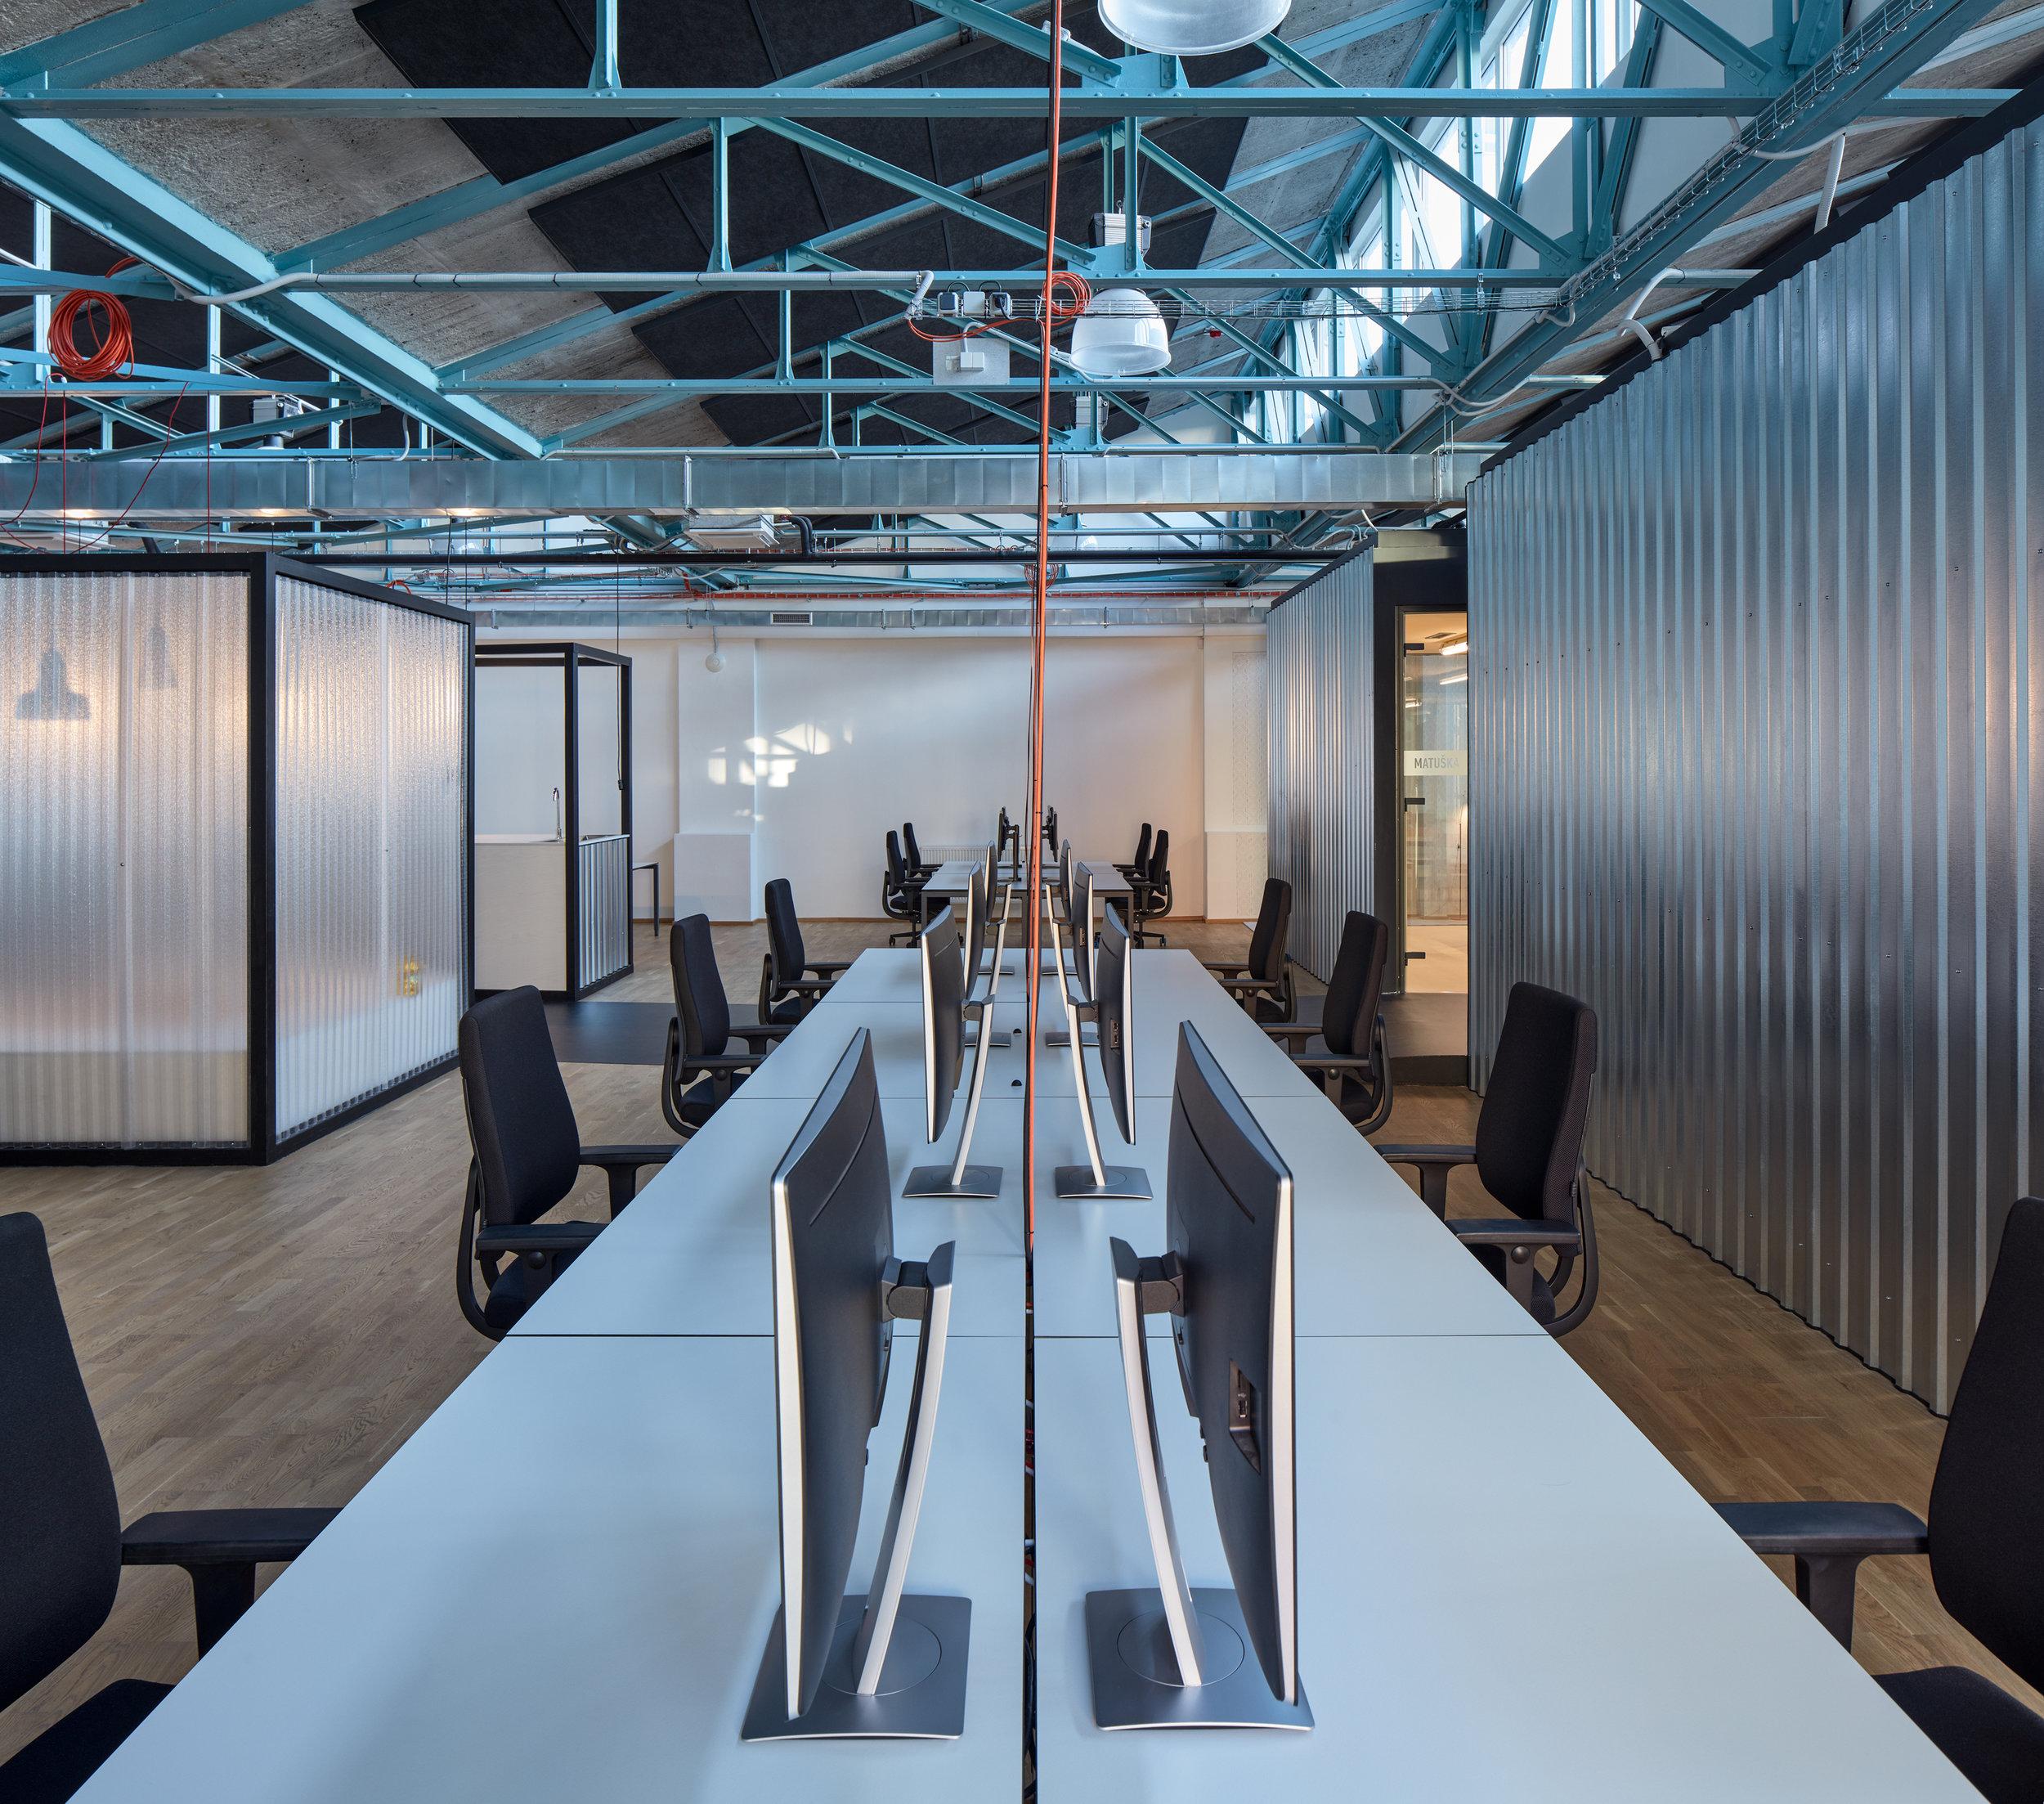 Kurz_architekti_SinnerSchrader_offices_BoysPlayNice_15.jpg